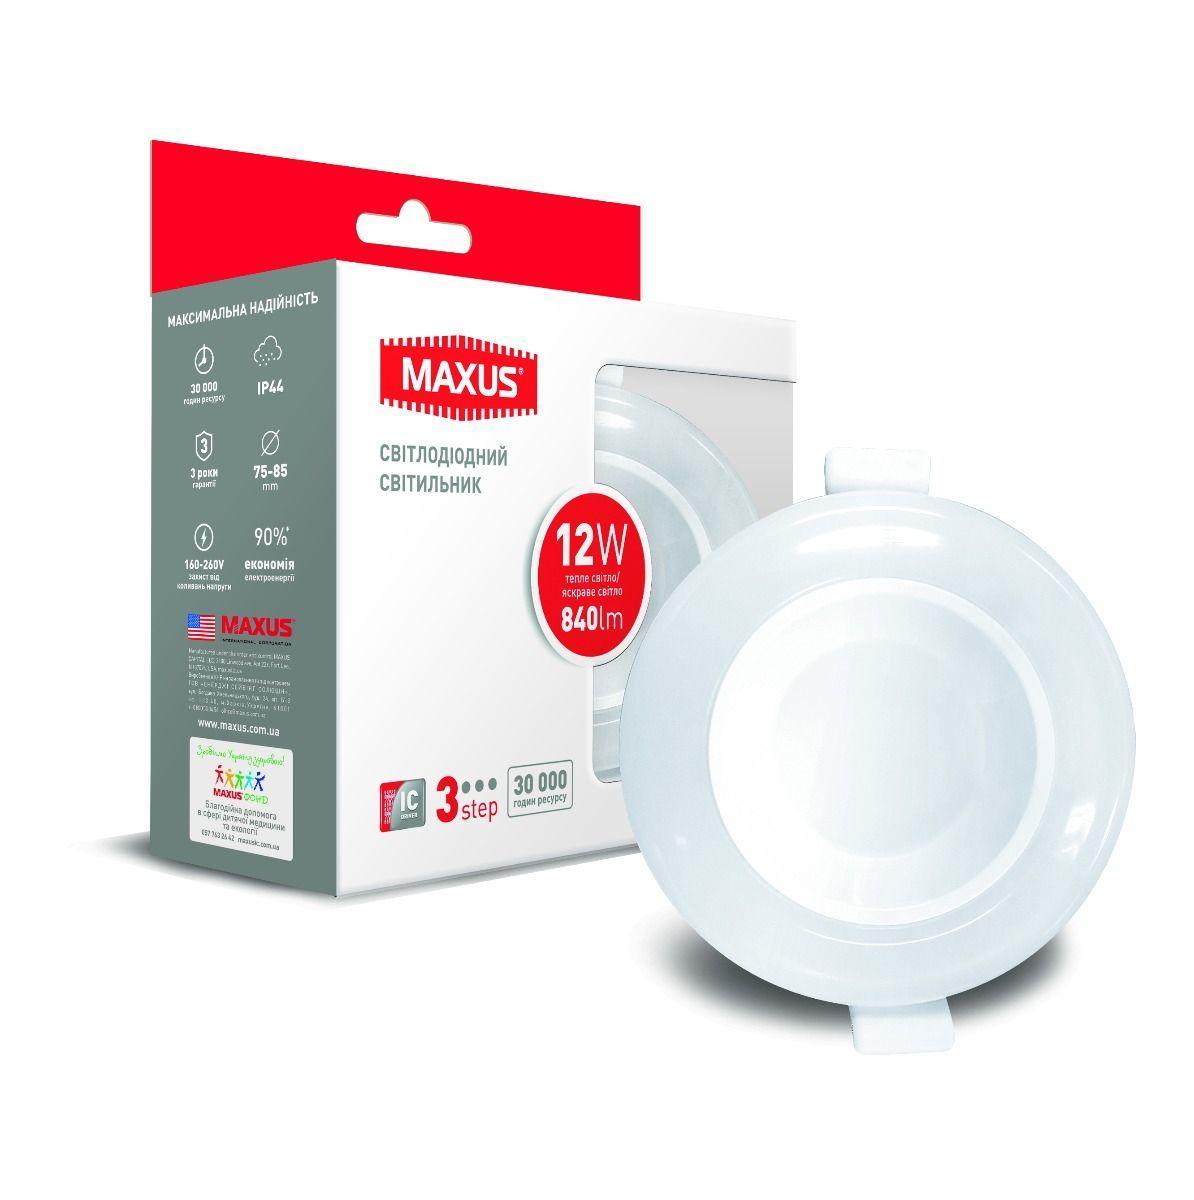 Світлодіодний розумний точковий світильник MAXUS 12Вт Коло